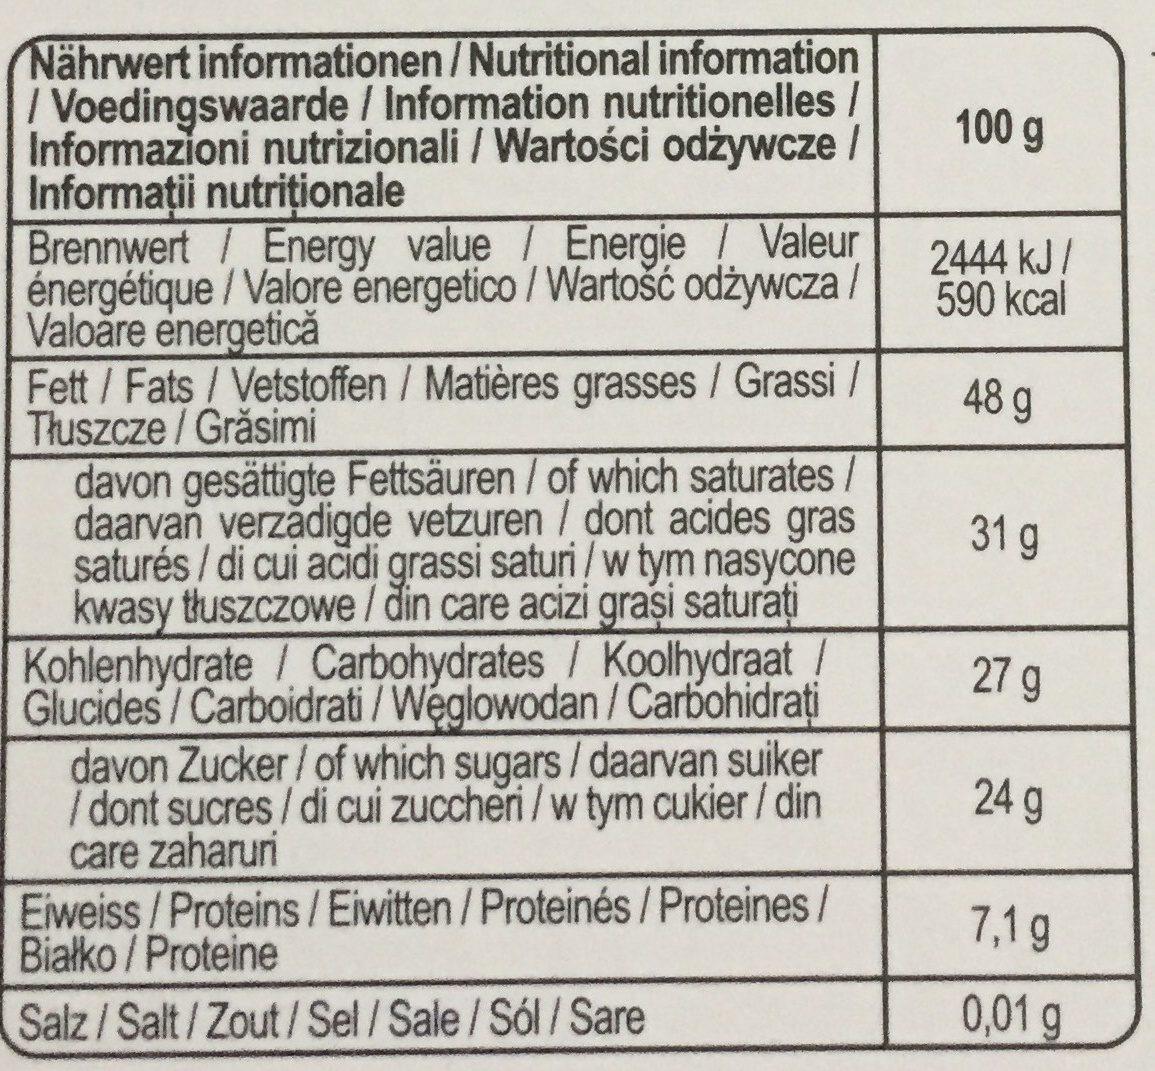 Heidi Chocolate Dark Intense 75 Percent (pack Of 2) - Wartości odżywcze - fr